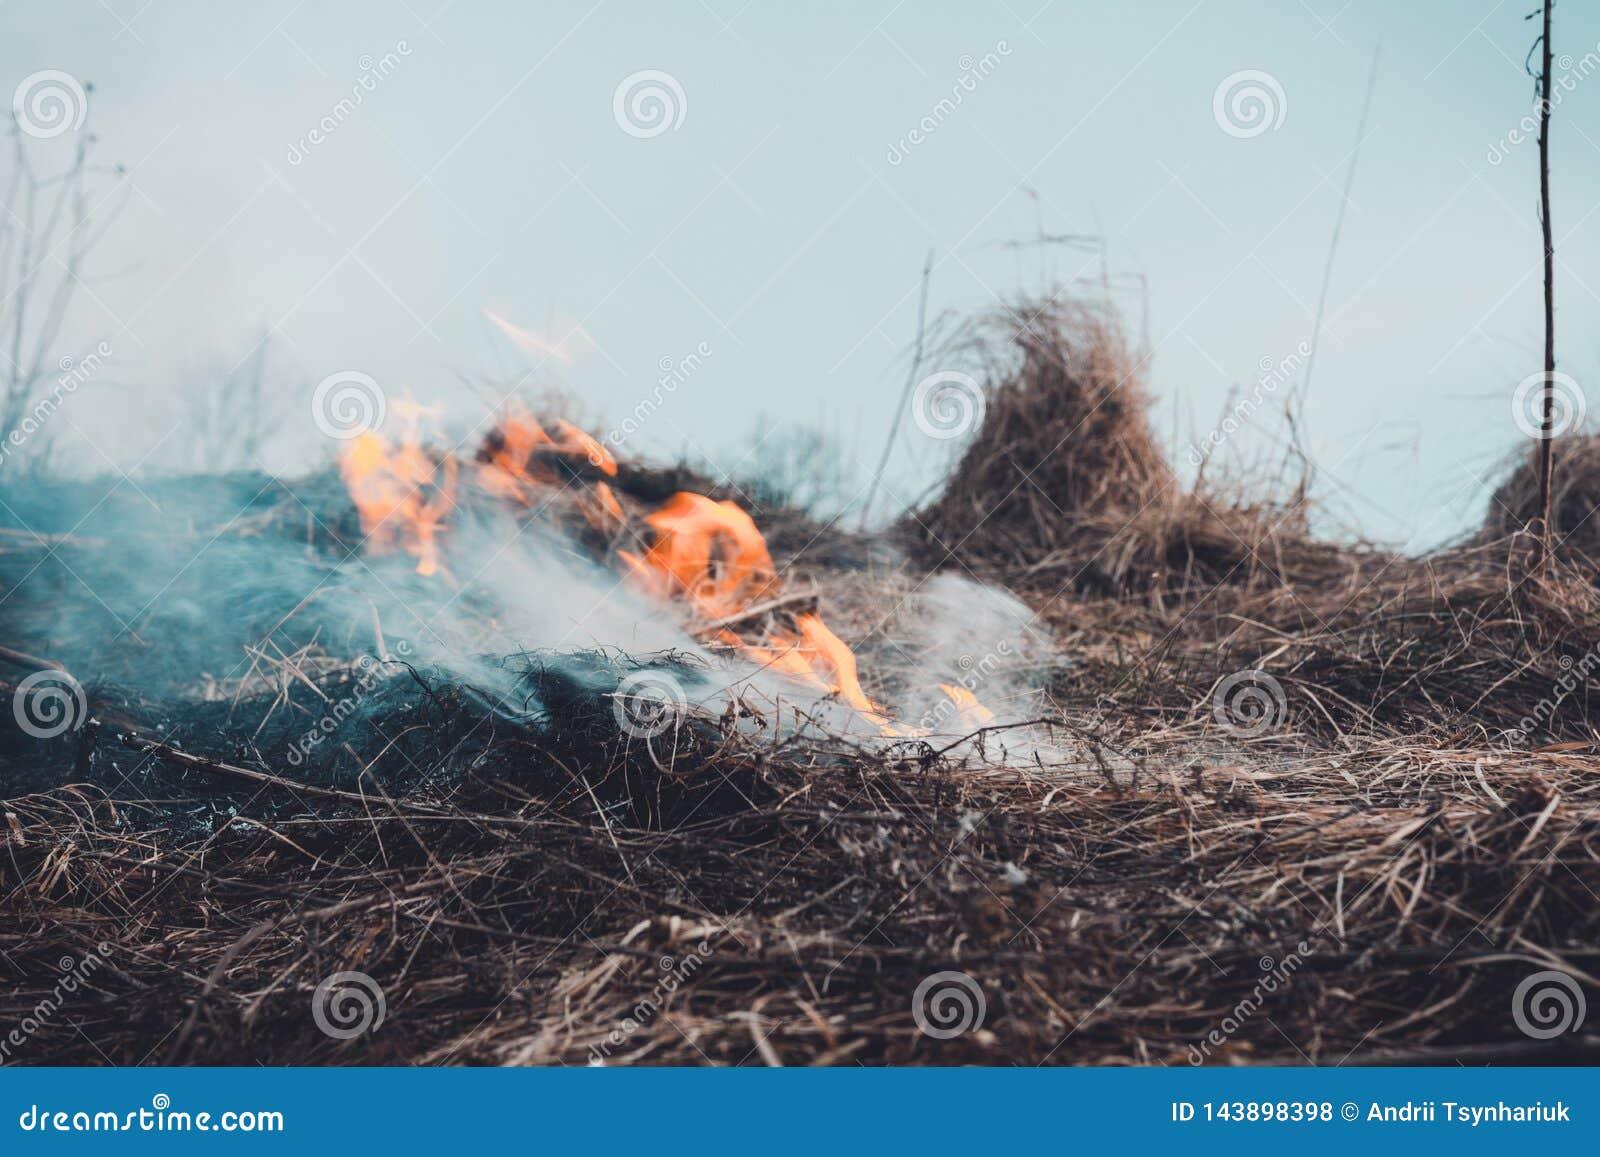 Gräset bränner, branden av som förstör allt i dess bana